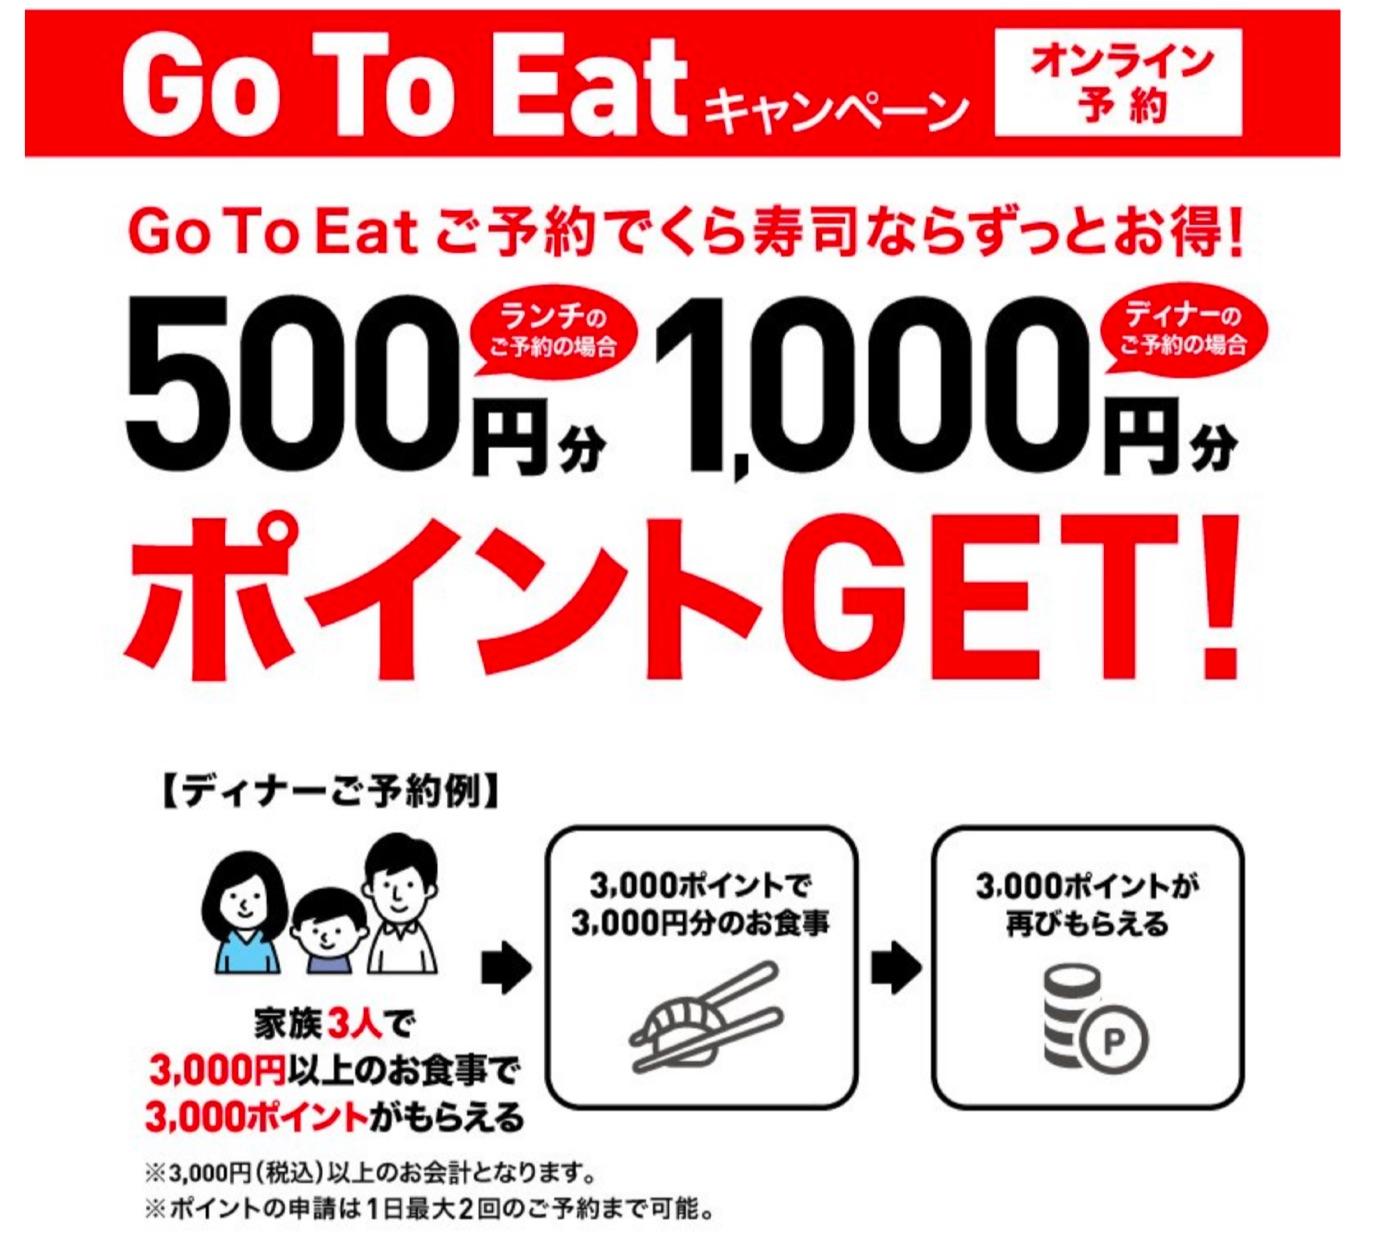 くら寿司で「Go To Eatキャンペーン」を使って無限くら寿司ができる方法